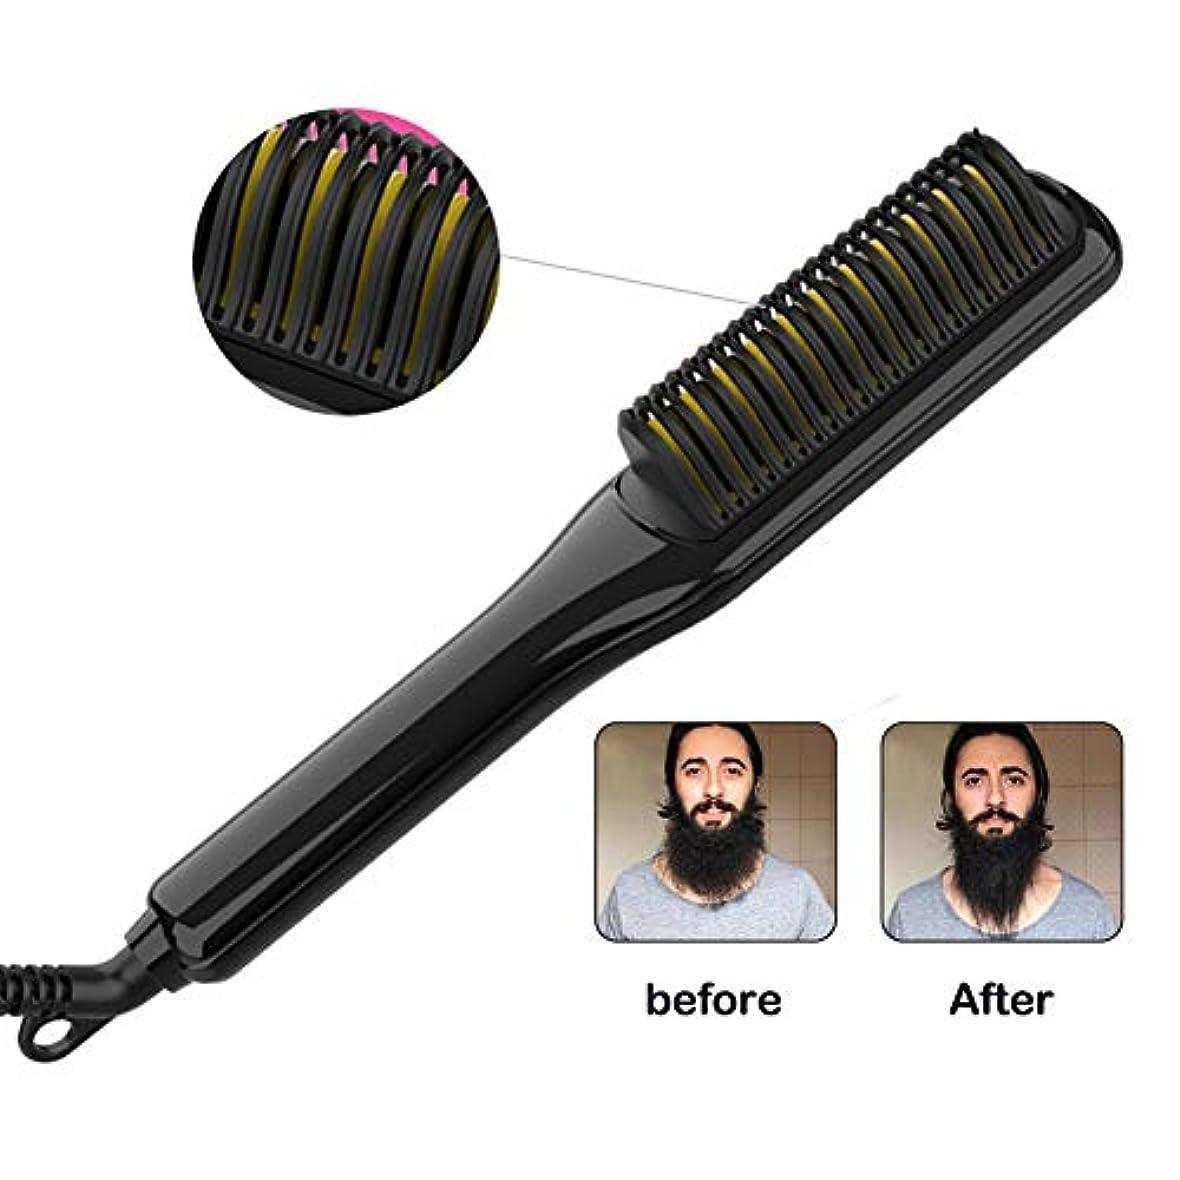 男性用ひげストレートブラシ、旅行/家庭用ミニ充電式ストレートヘアブラシ、ポータブルクイックスタイリングアンチスカルドセラミック熱矯正コームLCDディスプレイ付き